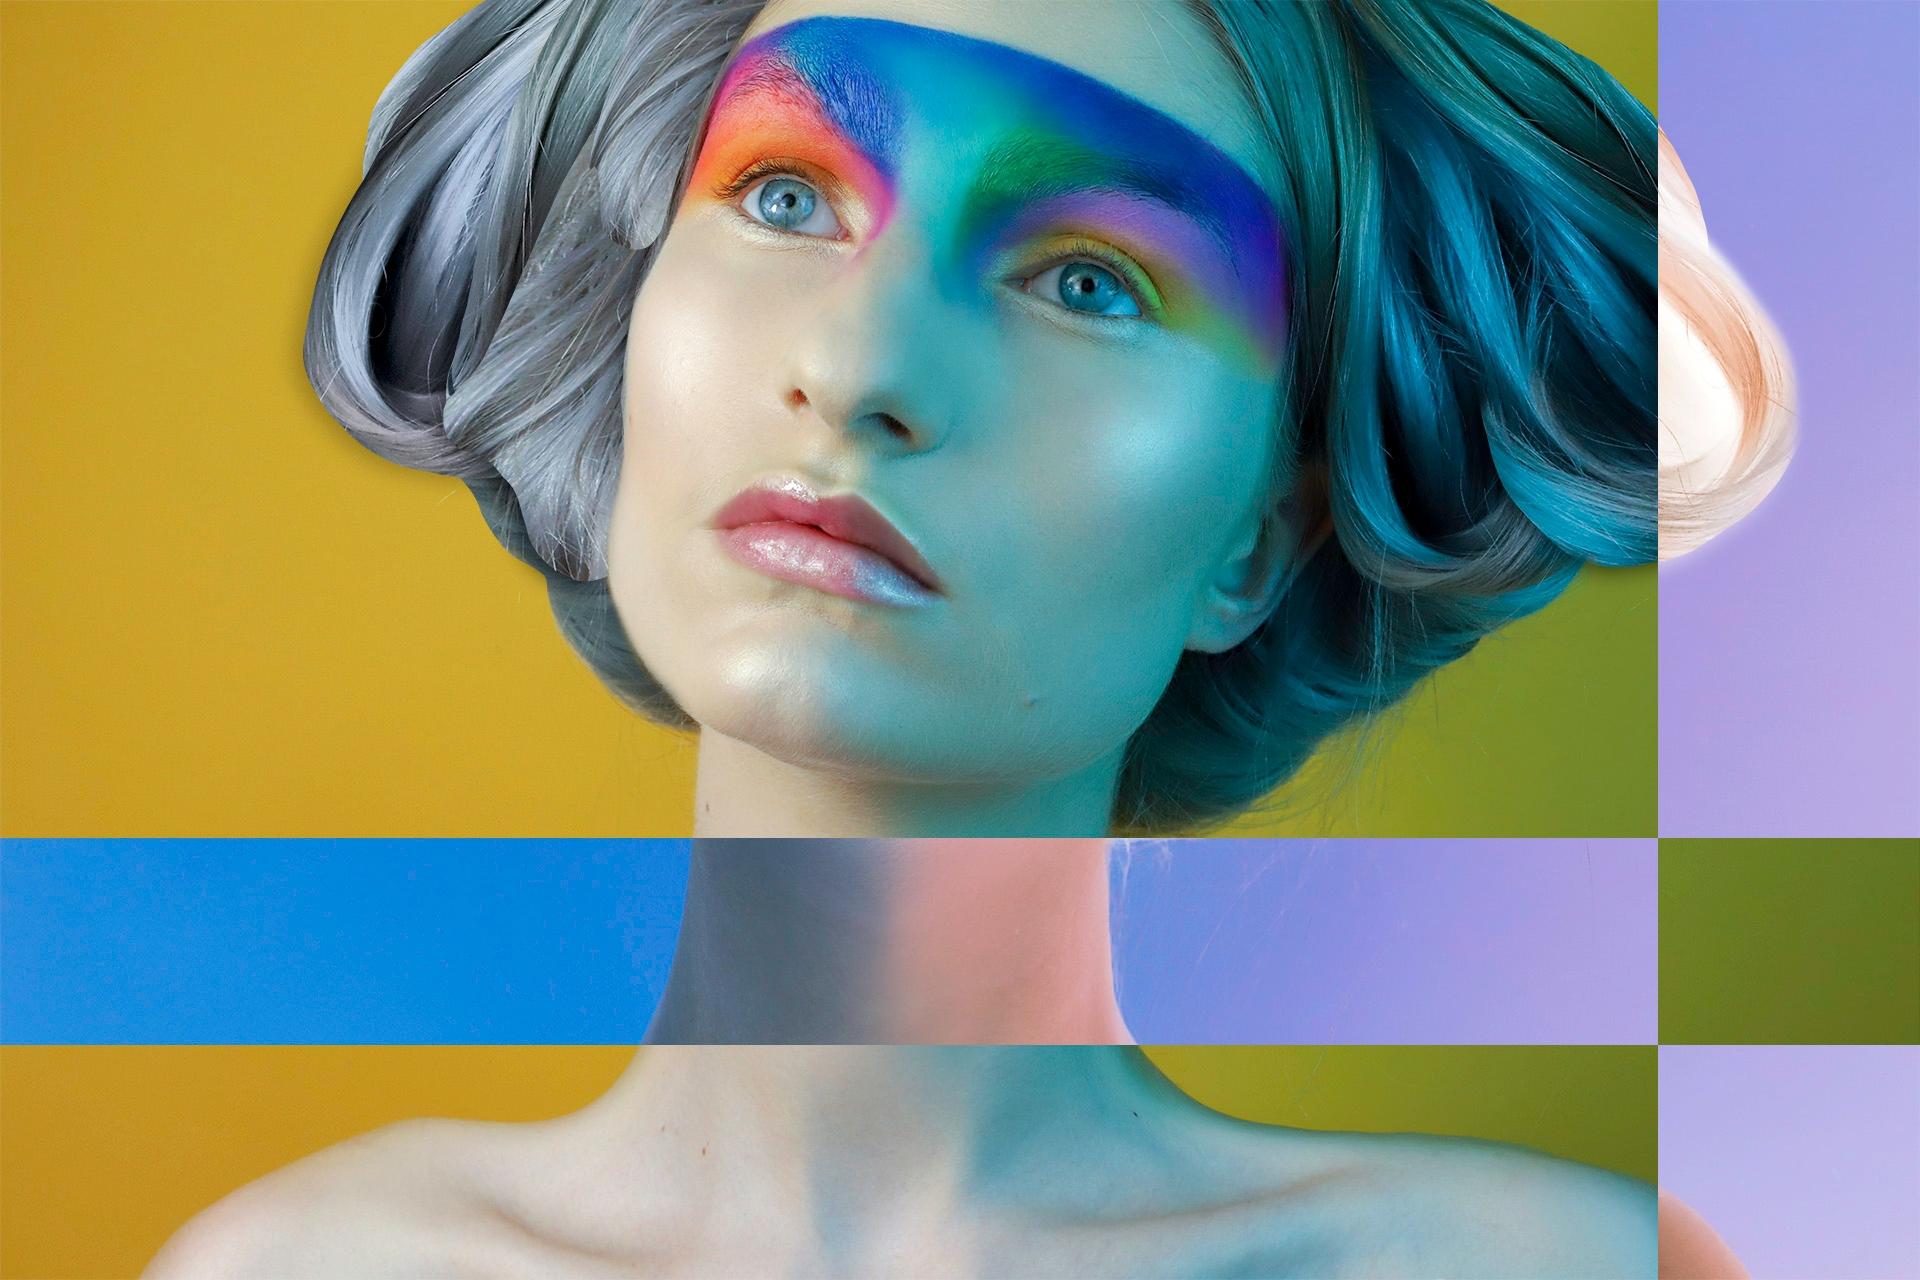 Zdjęcie przedstawia popiersie kobiety w kolorowym makijażu z siwymi włosami. Dookoła kolorowe prostokąty.